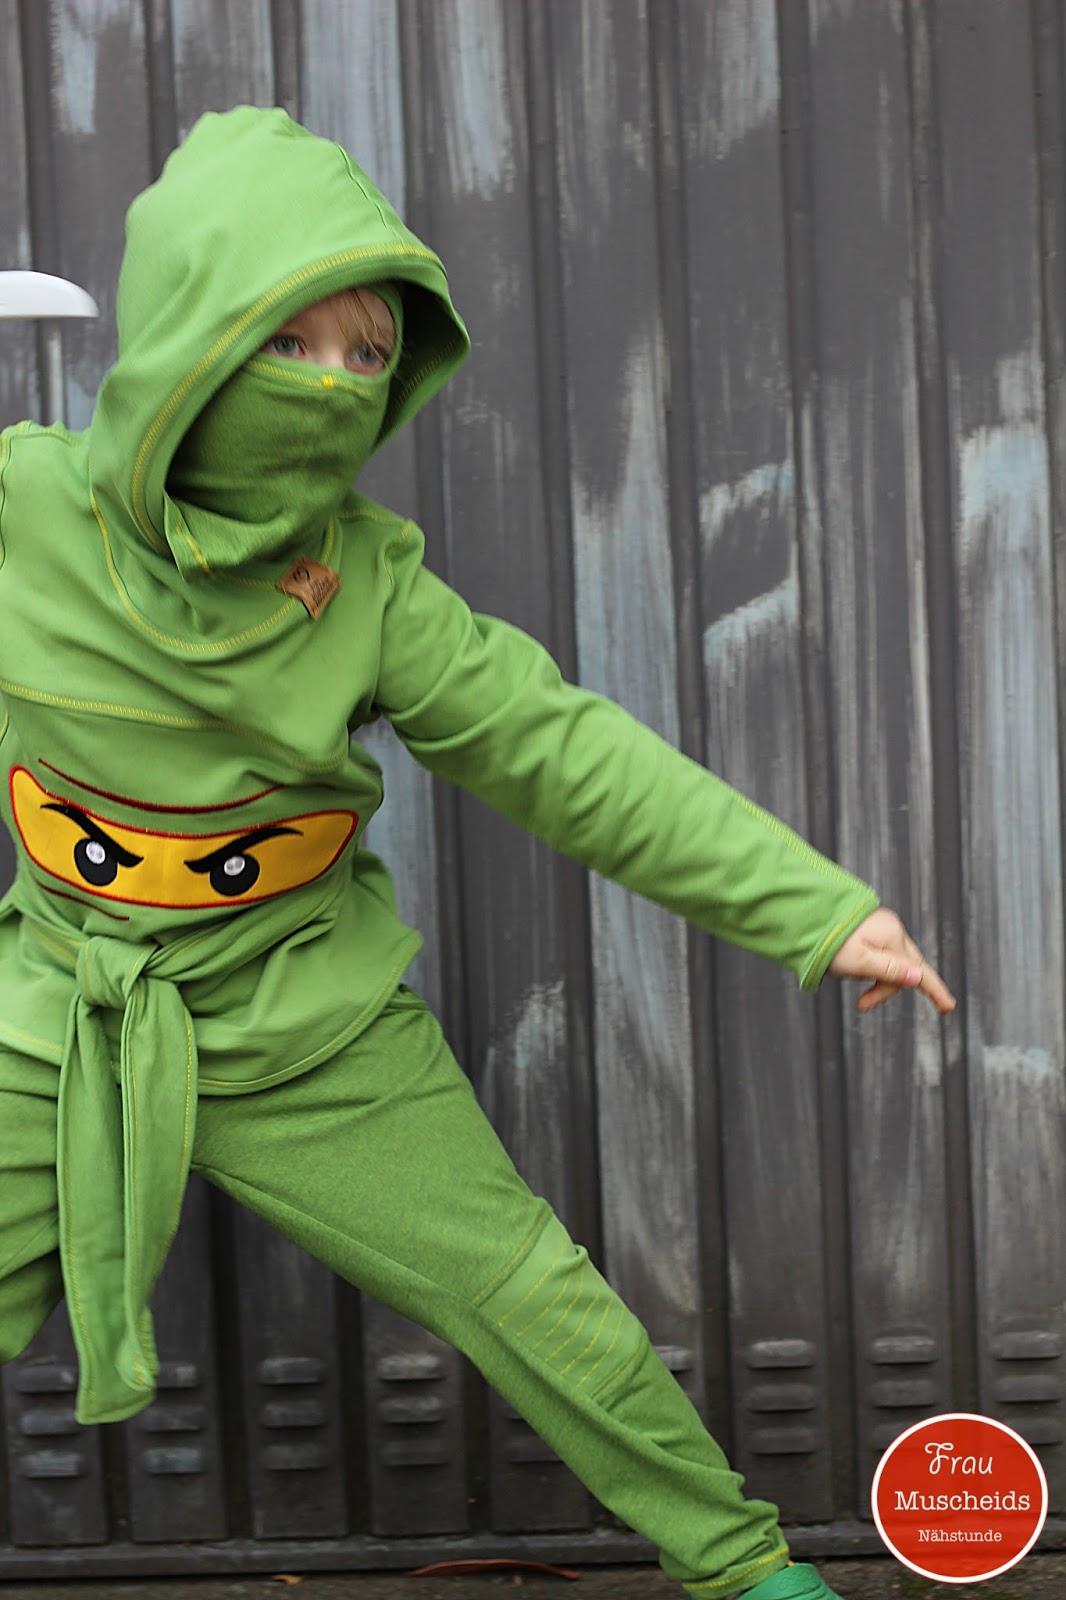 frau muscheids nähstunde: gefährlicher ninja-krieger oder